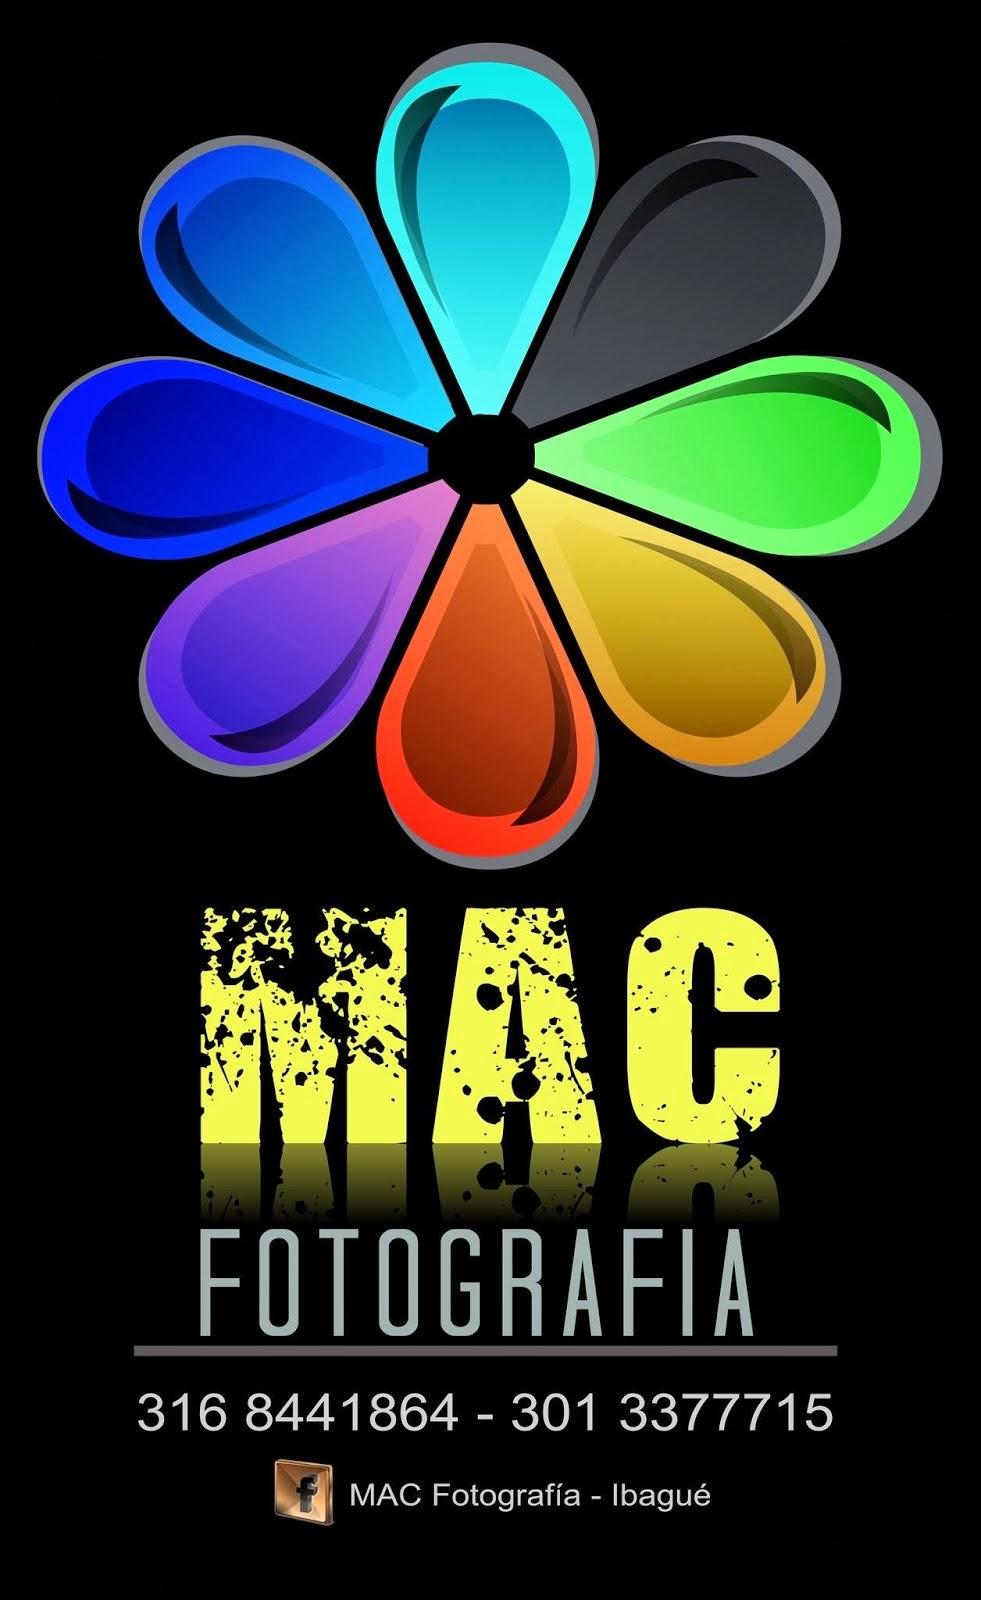 Mac Fotografía Ibagué